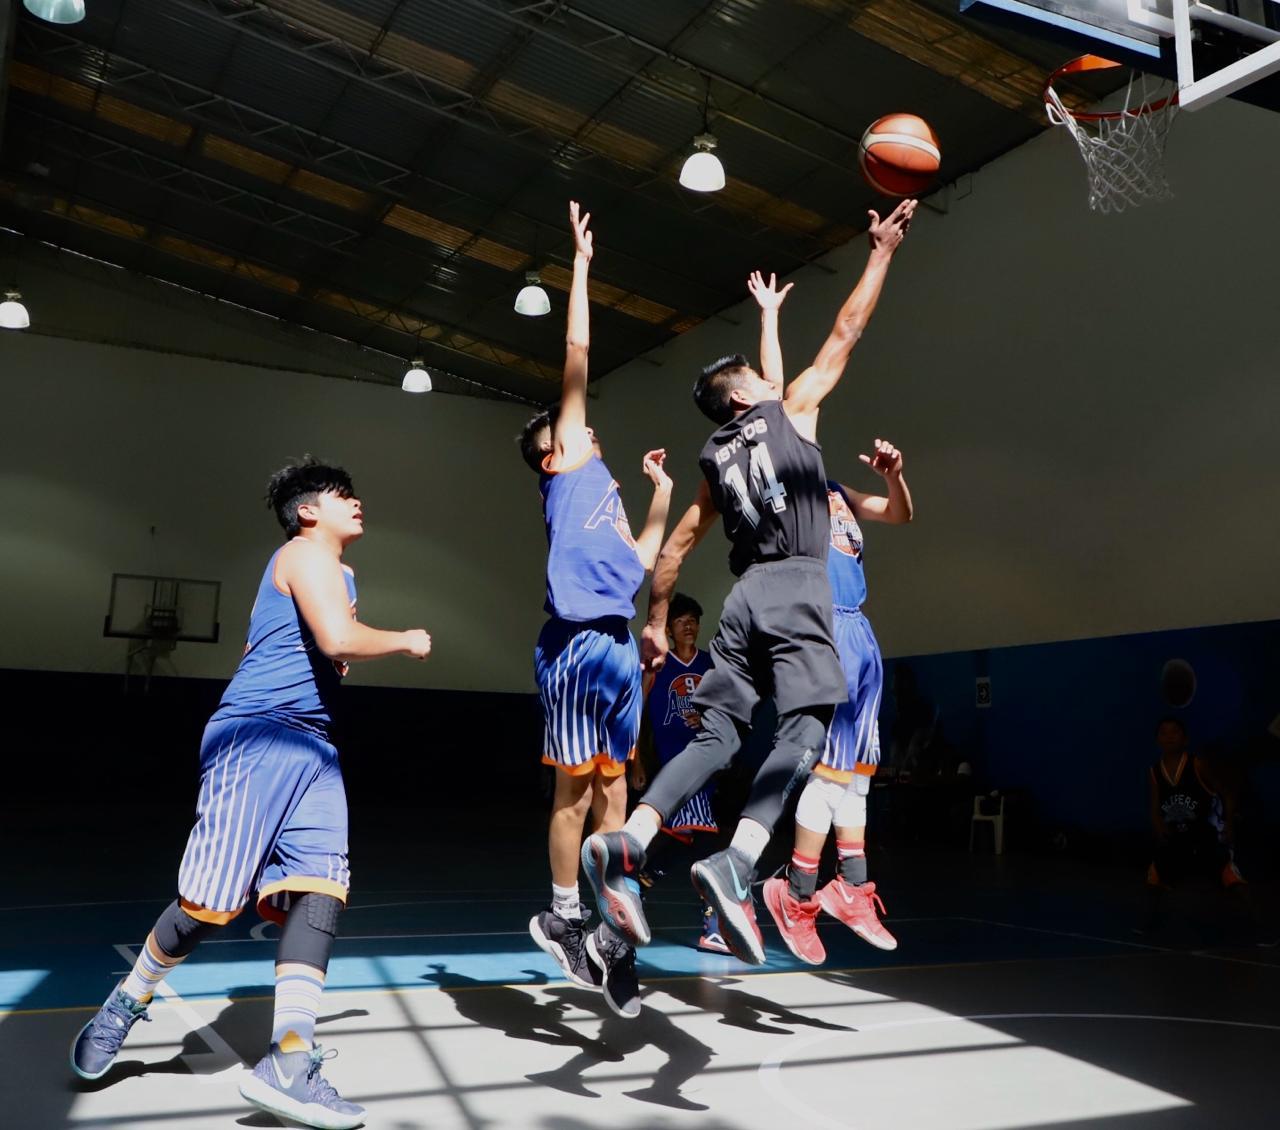 basquet1.jpeg